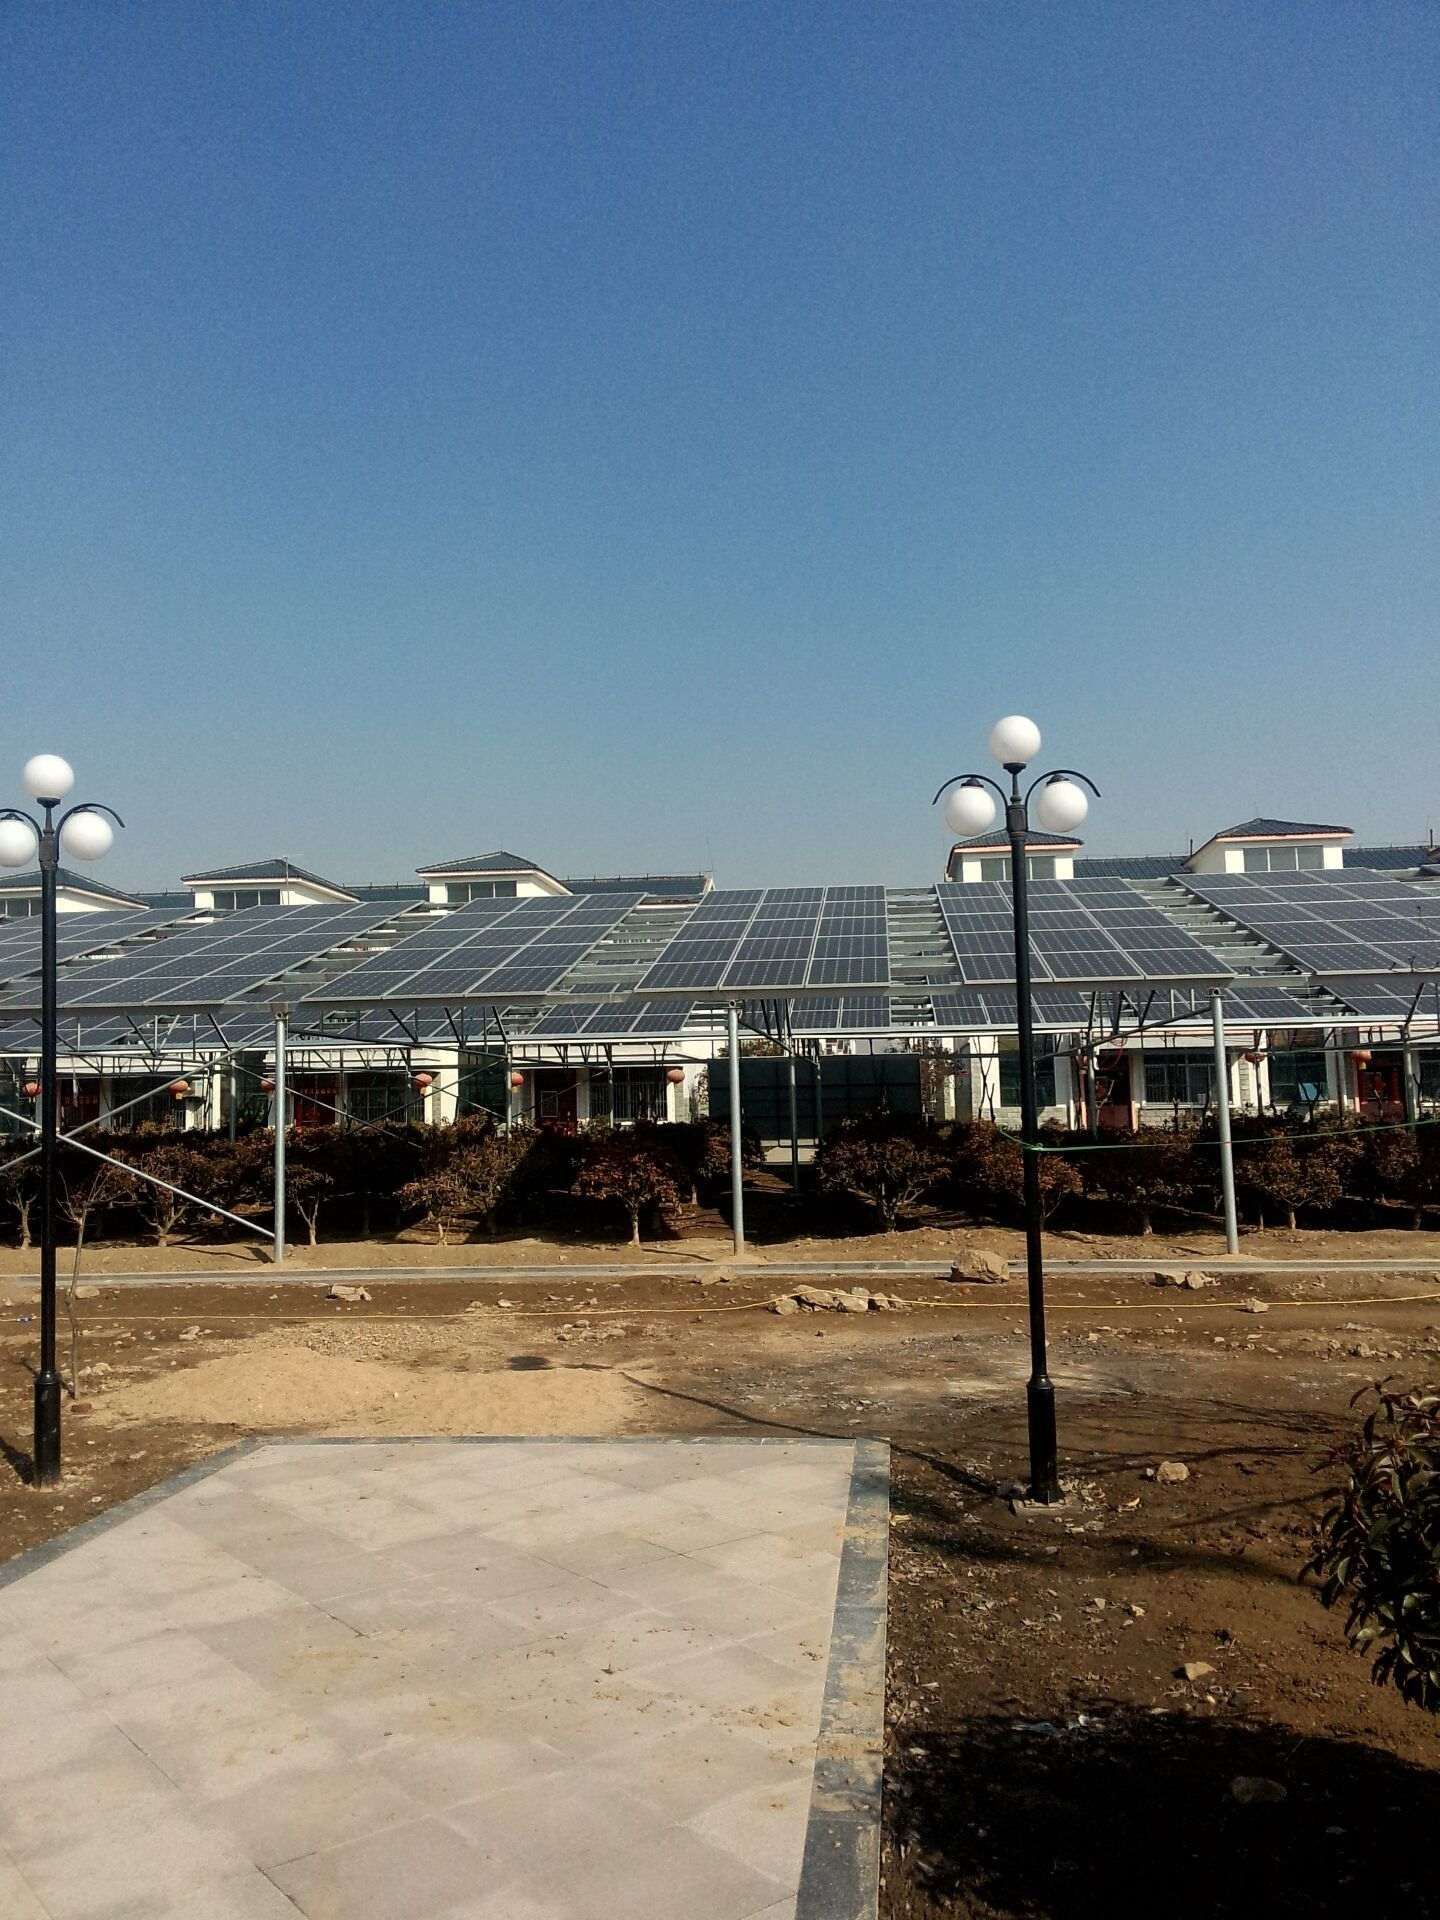 天津太阳能电池板厂家5KW-50MW并网发电系统,上门安装